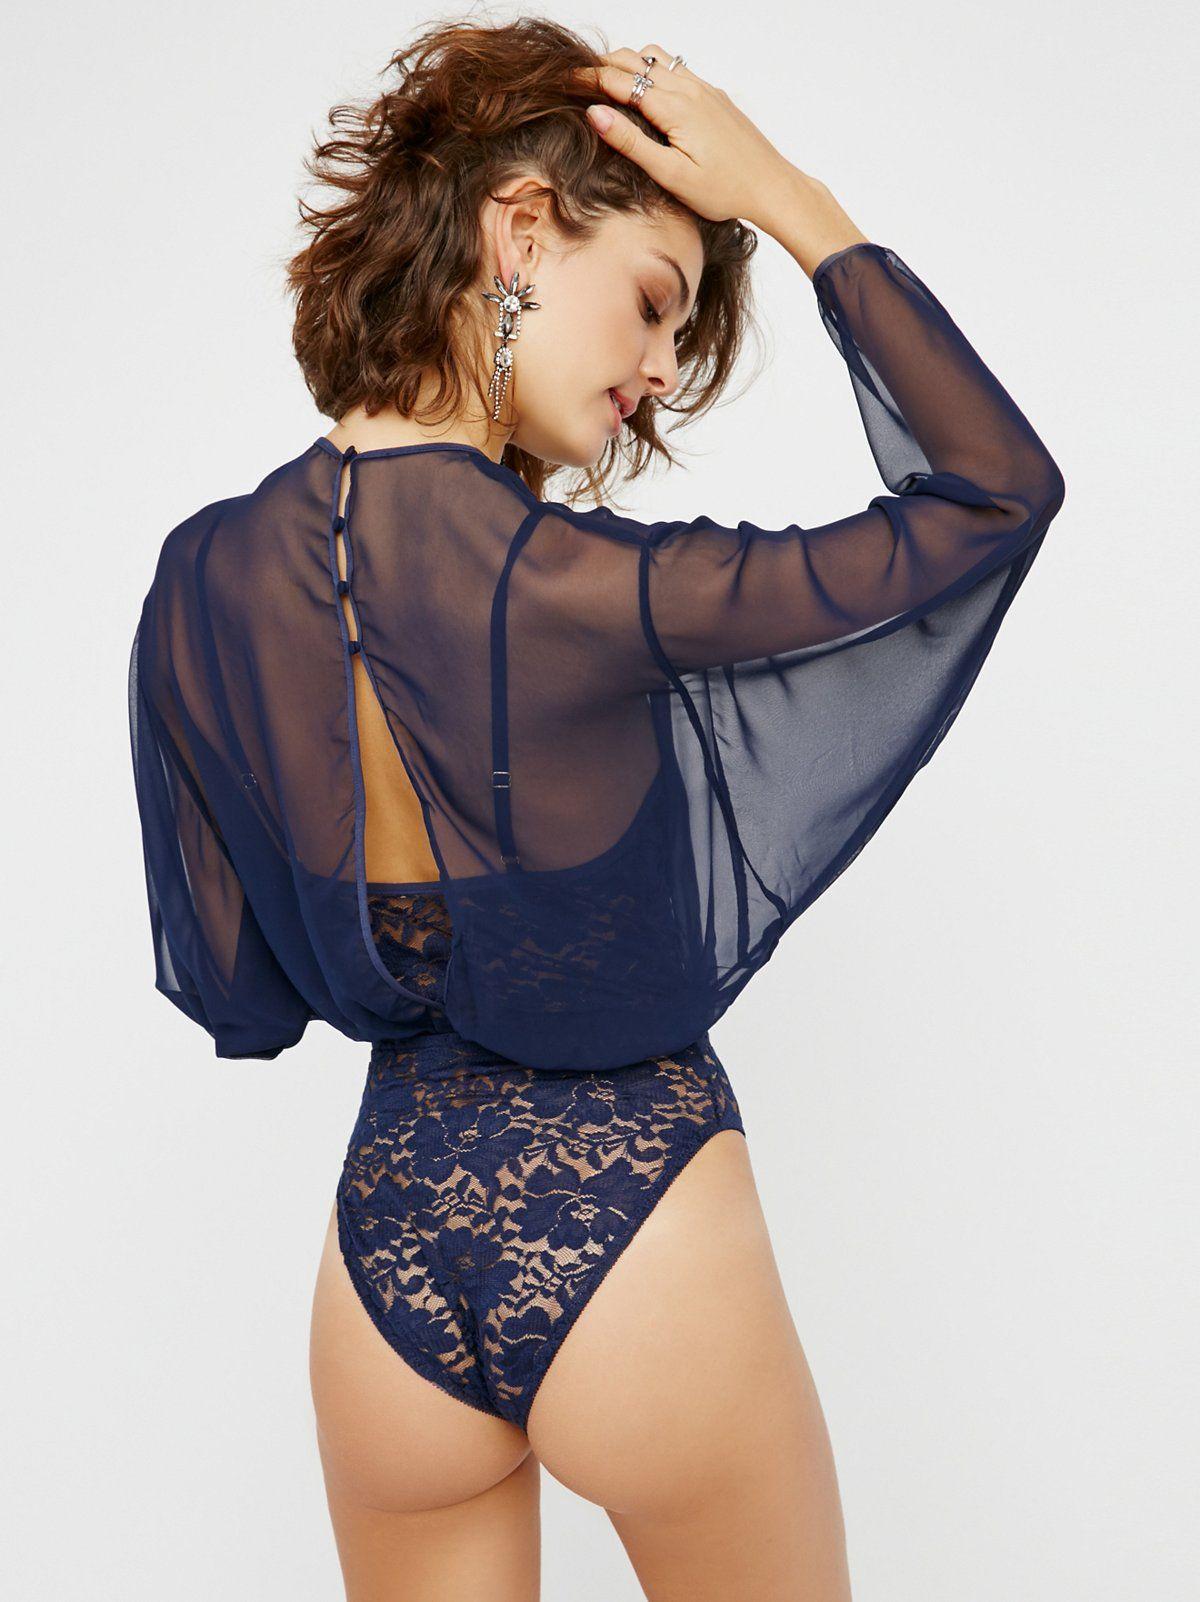 Lace bodysuit styles  Mama Jen Bodysuit  Floral lace bodysuit featuring adjustable straps